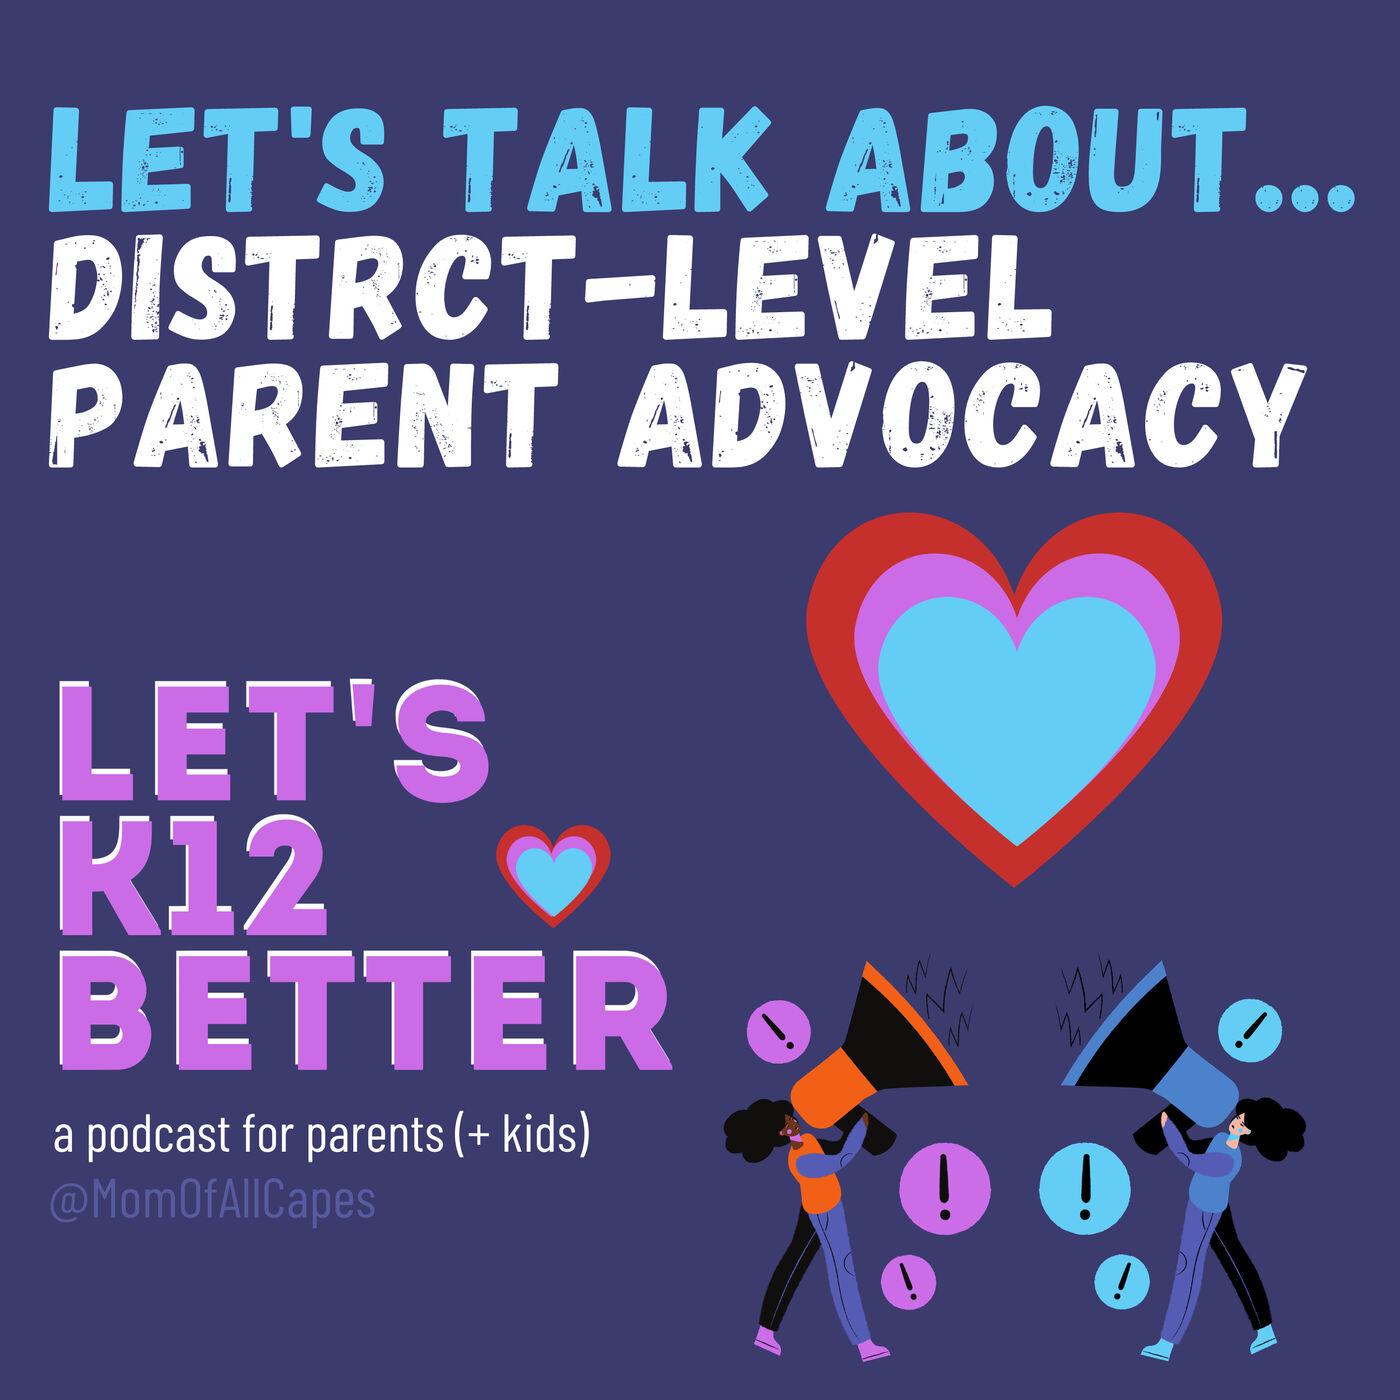 Let's Talk About... District-Level Parent Advocacy